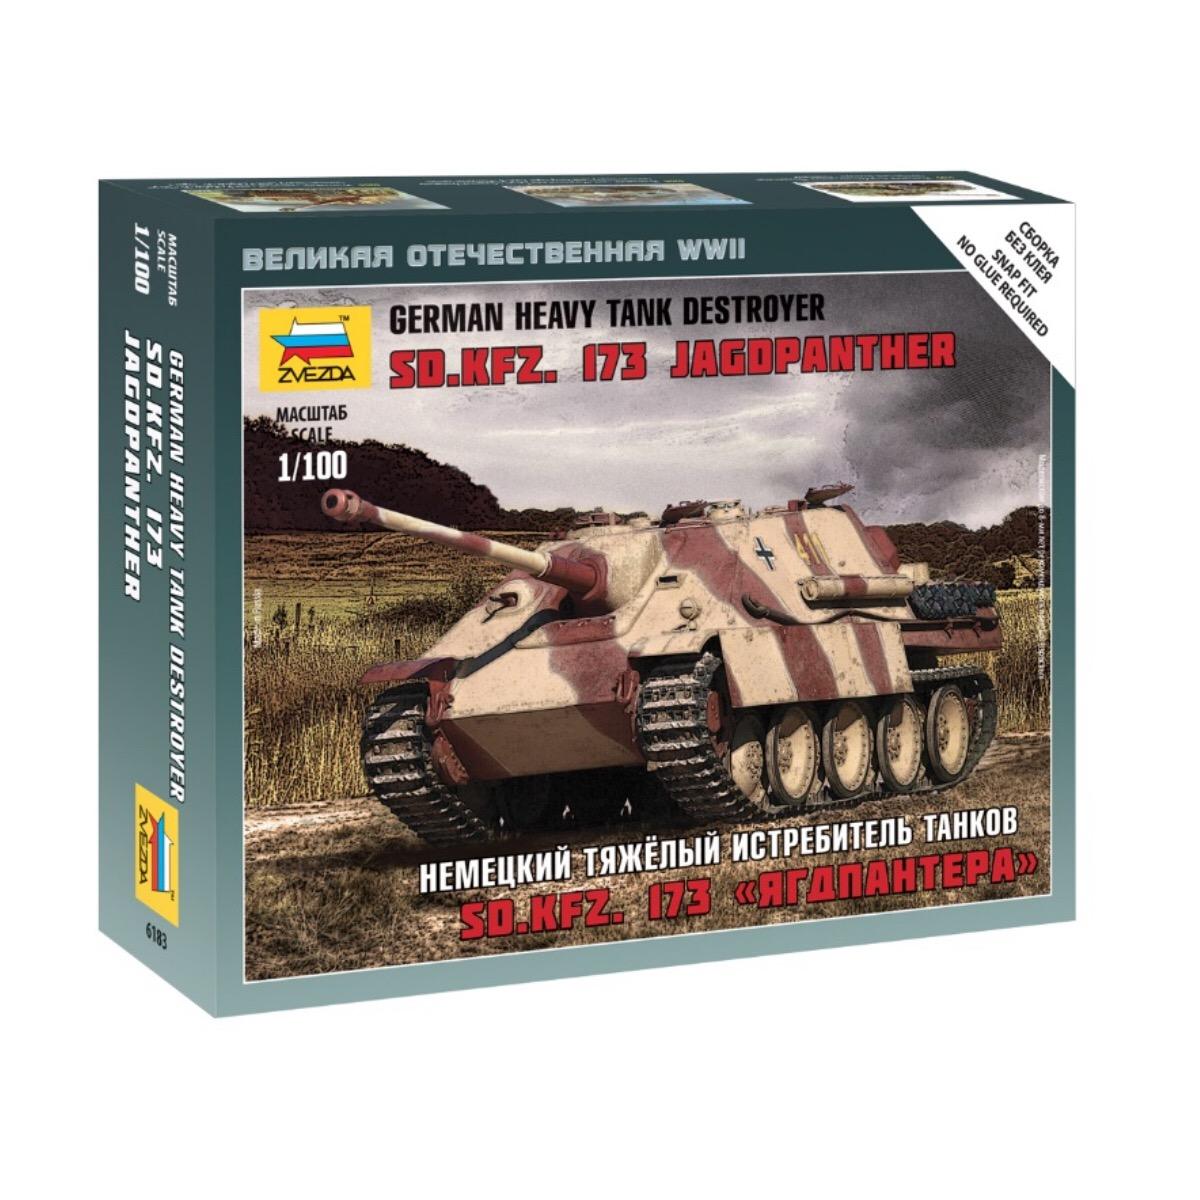 Модель сборная - Немецкий тяжёлый истребитель танков ЯгдпантераМодели танков для склеивания<br>Модель сборная - Немецкий тяжёлый истребитель танков Ягдпантера<br>